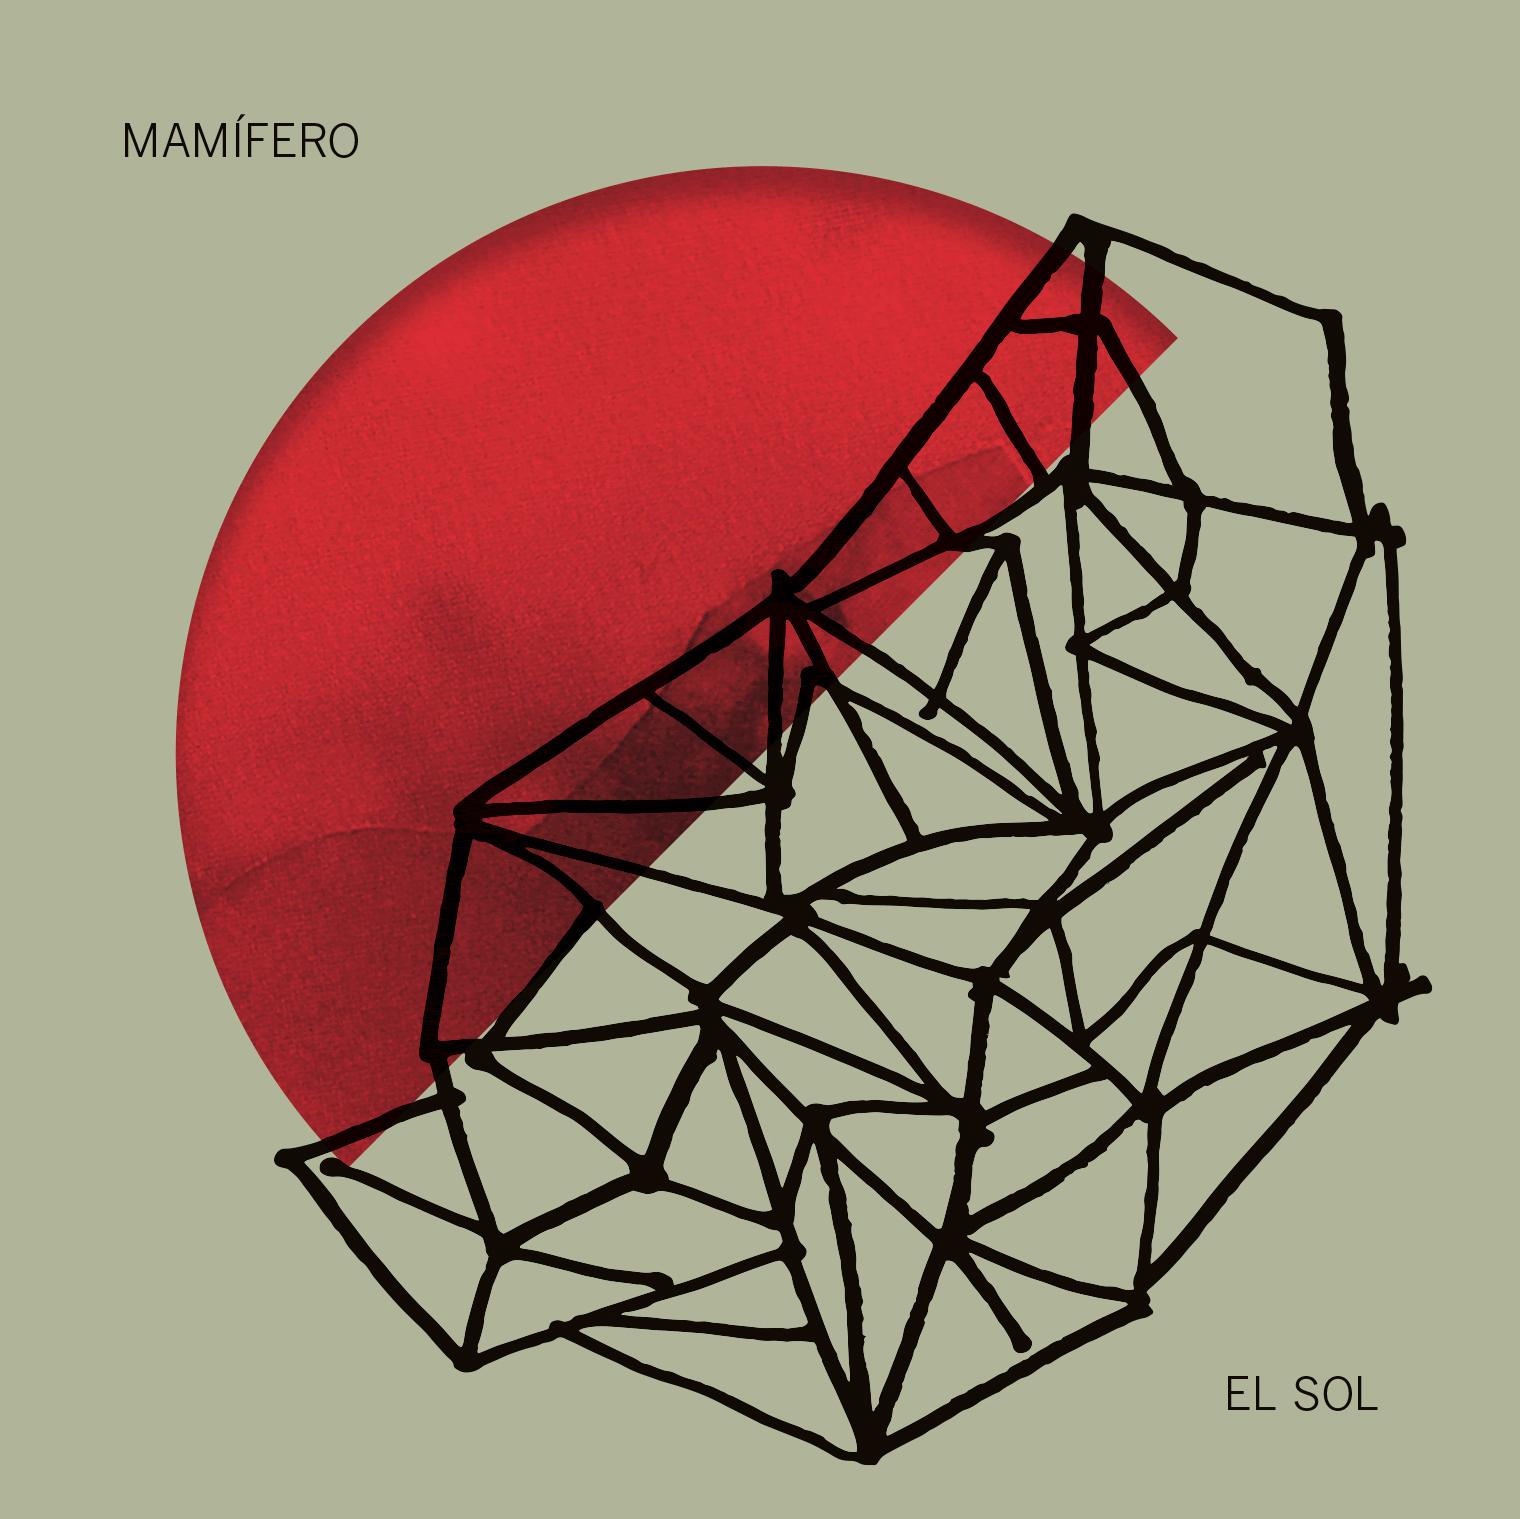 mamifero el sol nacho jaula oigovisiones label